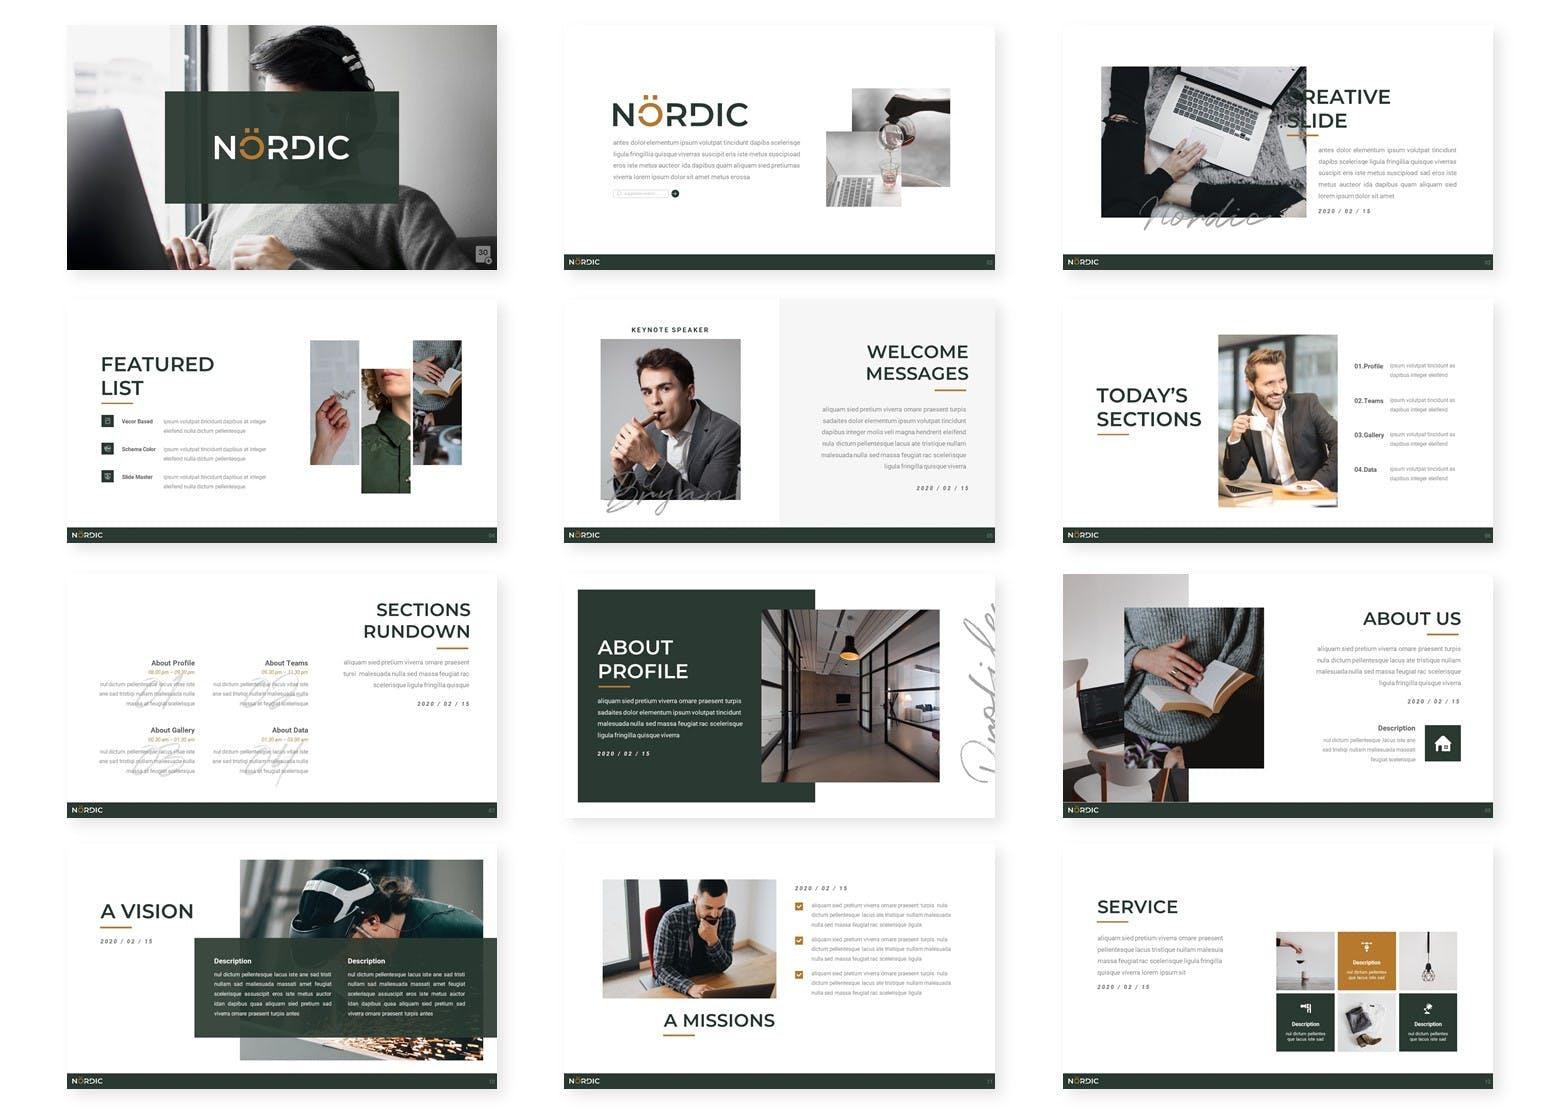 公司介绍/业务展示PPT幻灯片设计模板 Nordic – Powerpoint Template设计素材模板